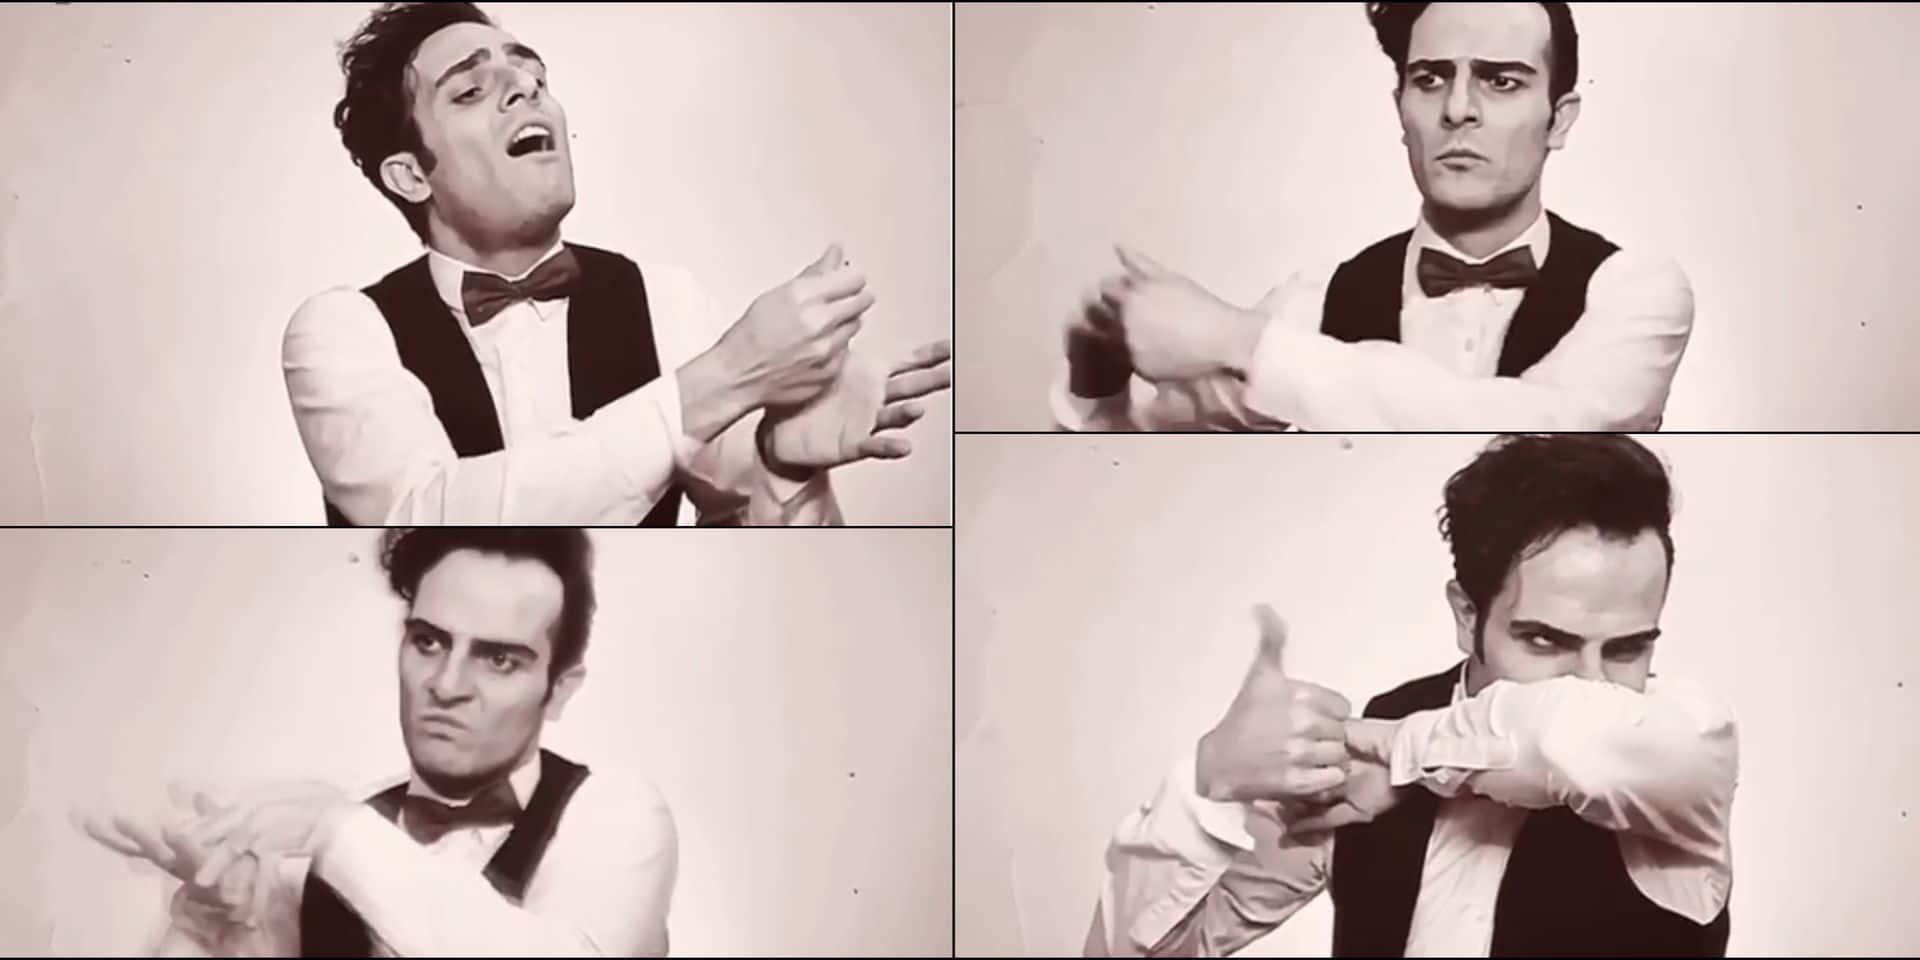 La vidéo très drôle d'un comédien qui montre comment se laver les mains... à la manière d'un chef d'orchestre !